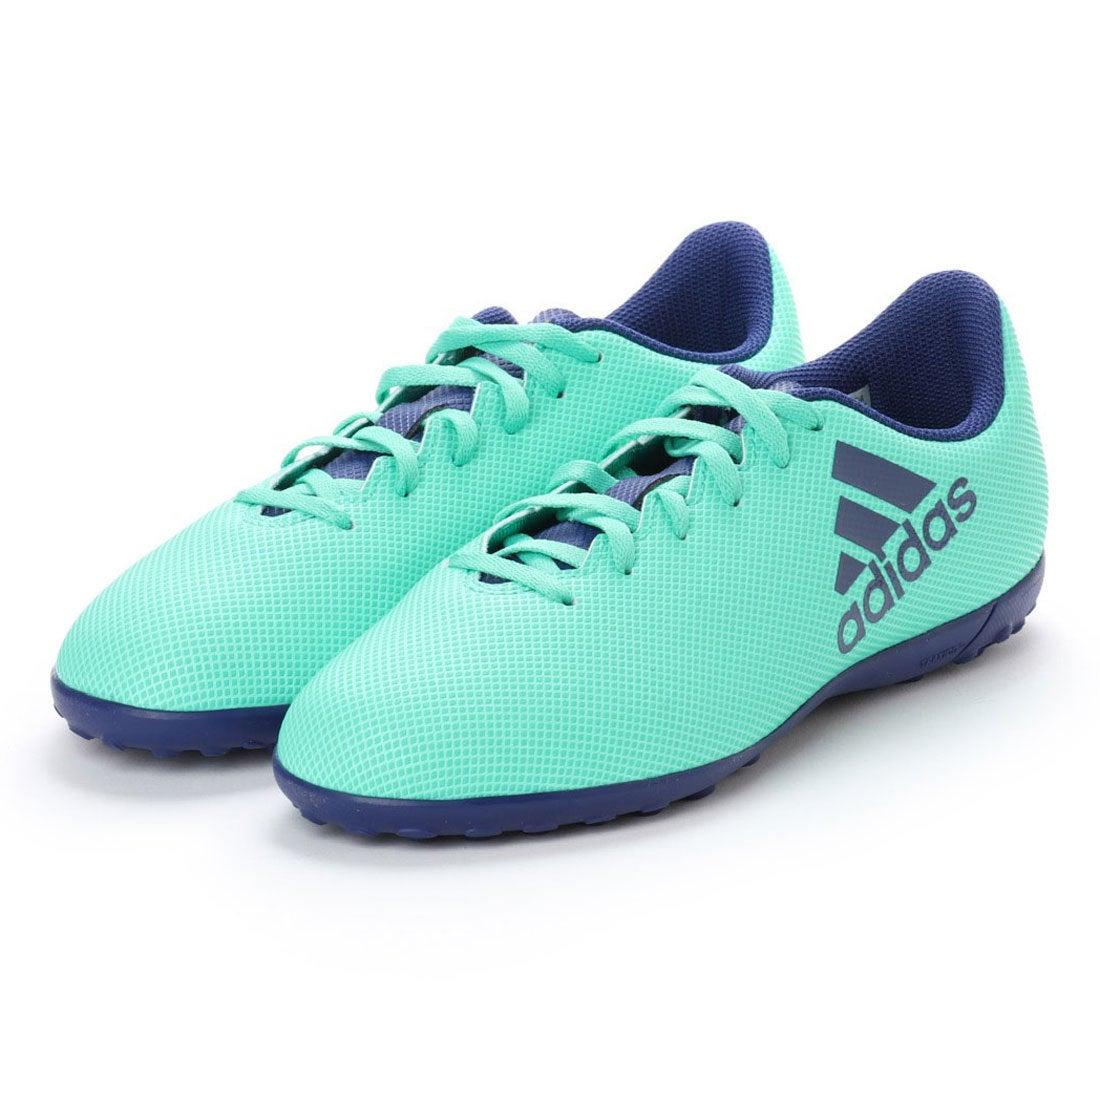 【SALE 20%OFF】アディダス adidas ジュニア サッカー トレーニングシューズ エックス タンゴ 17.4 TF J CP9045